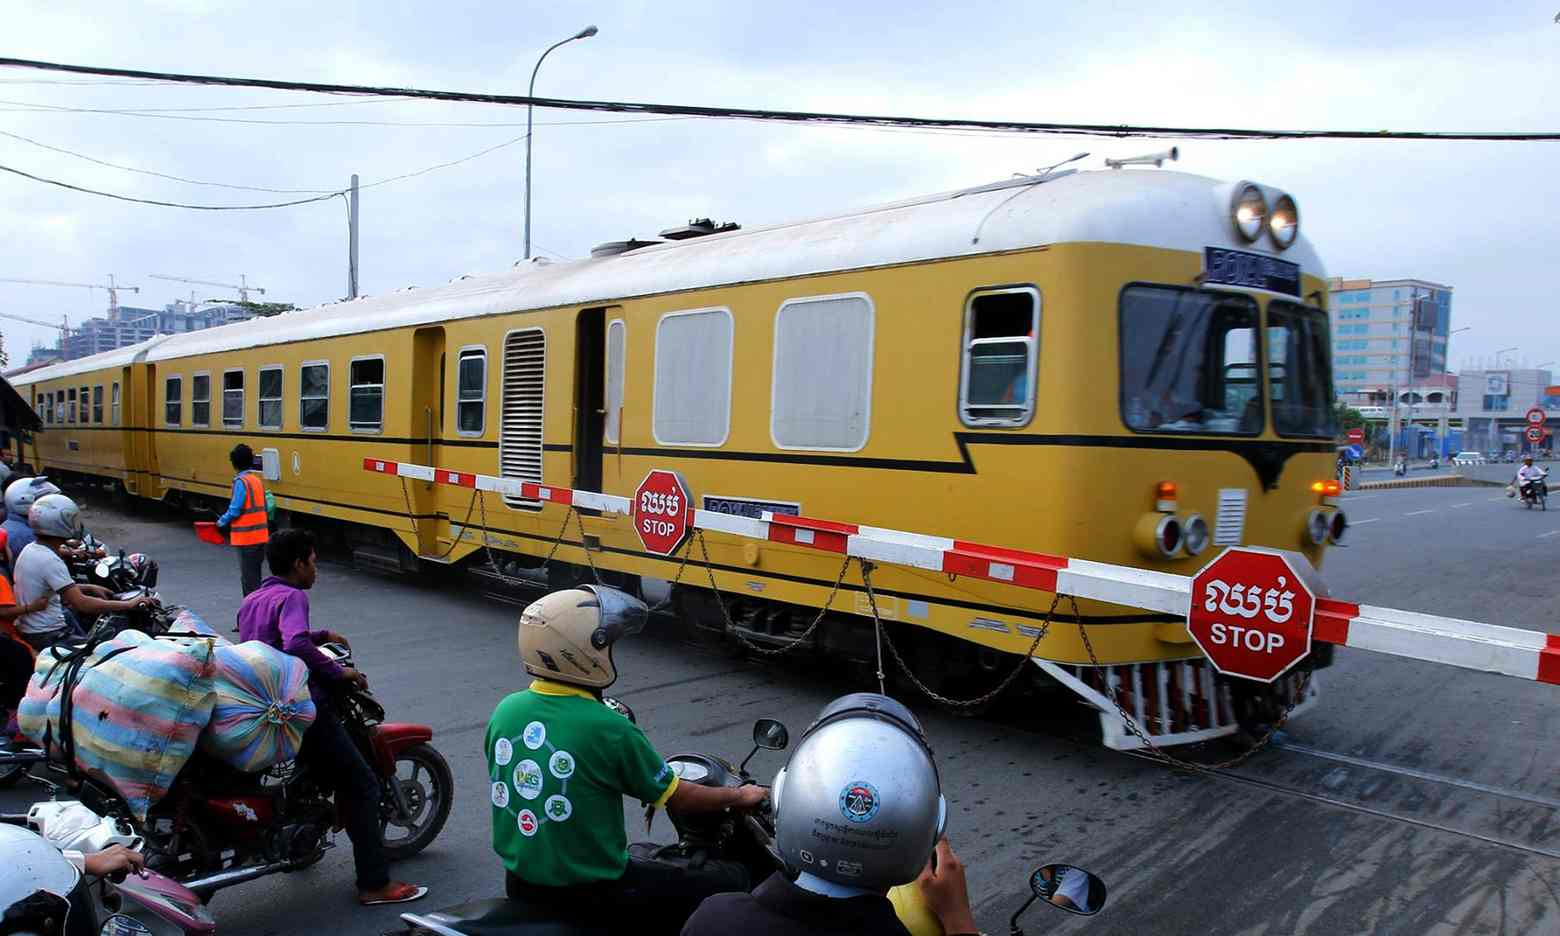 Une voie ferrée permettant de relier la Thaïlande et le Cambodge va rouvrir après 45 ans